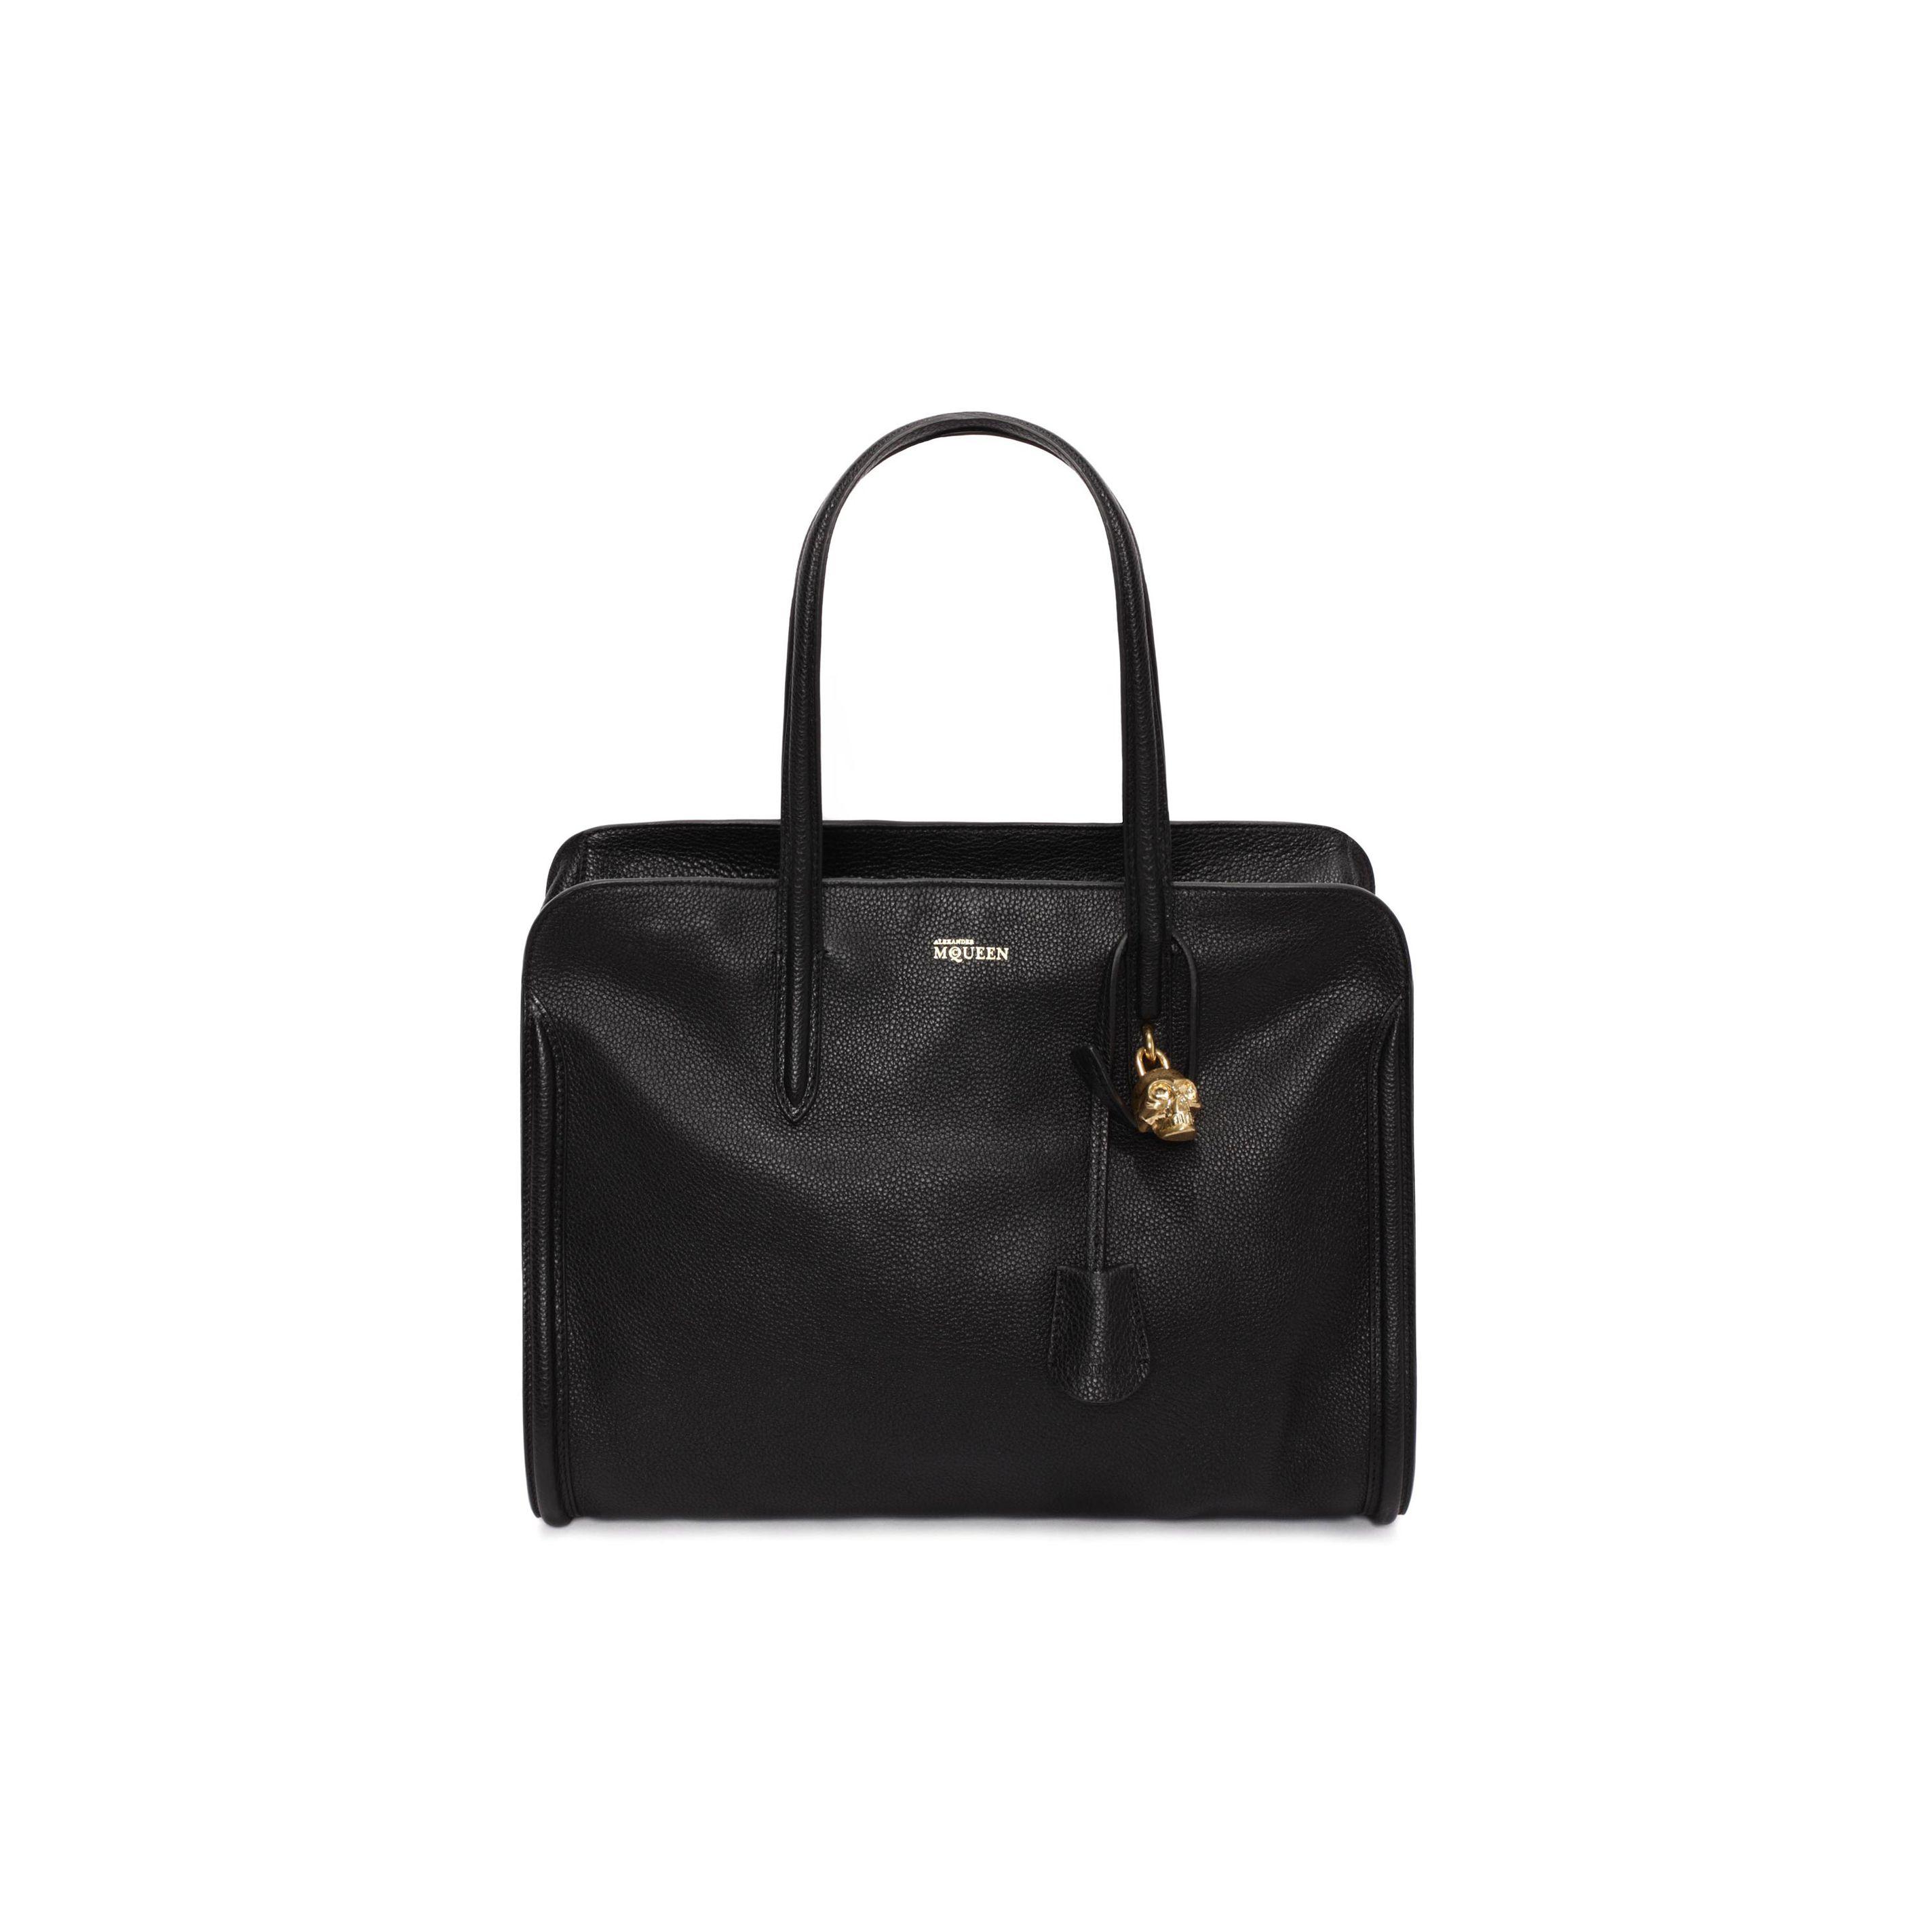 Grainy Leather Skull Padlock Top Handle Bag Alexander McQueen | Top Handle | Bags |